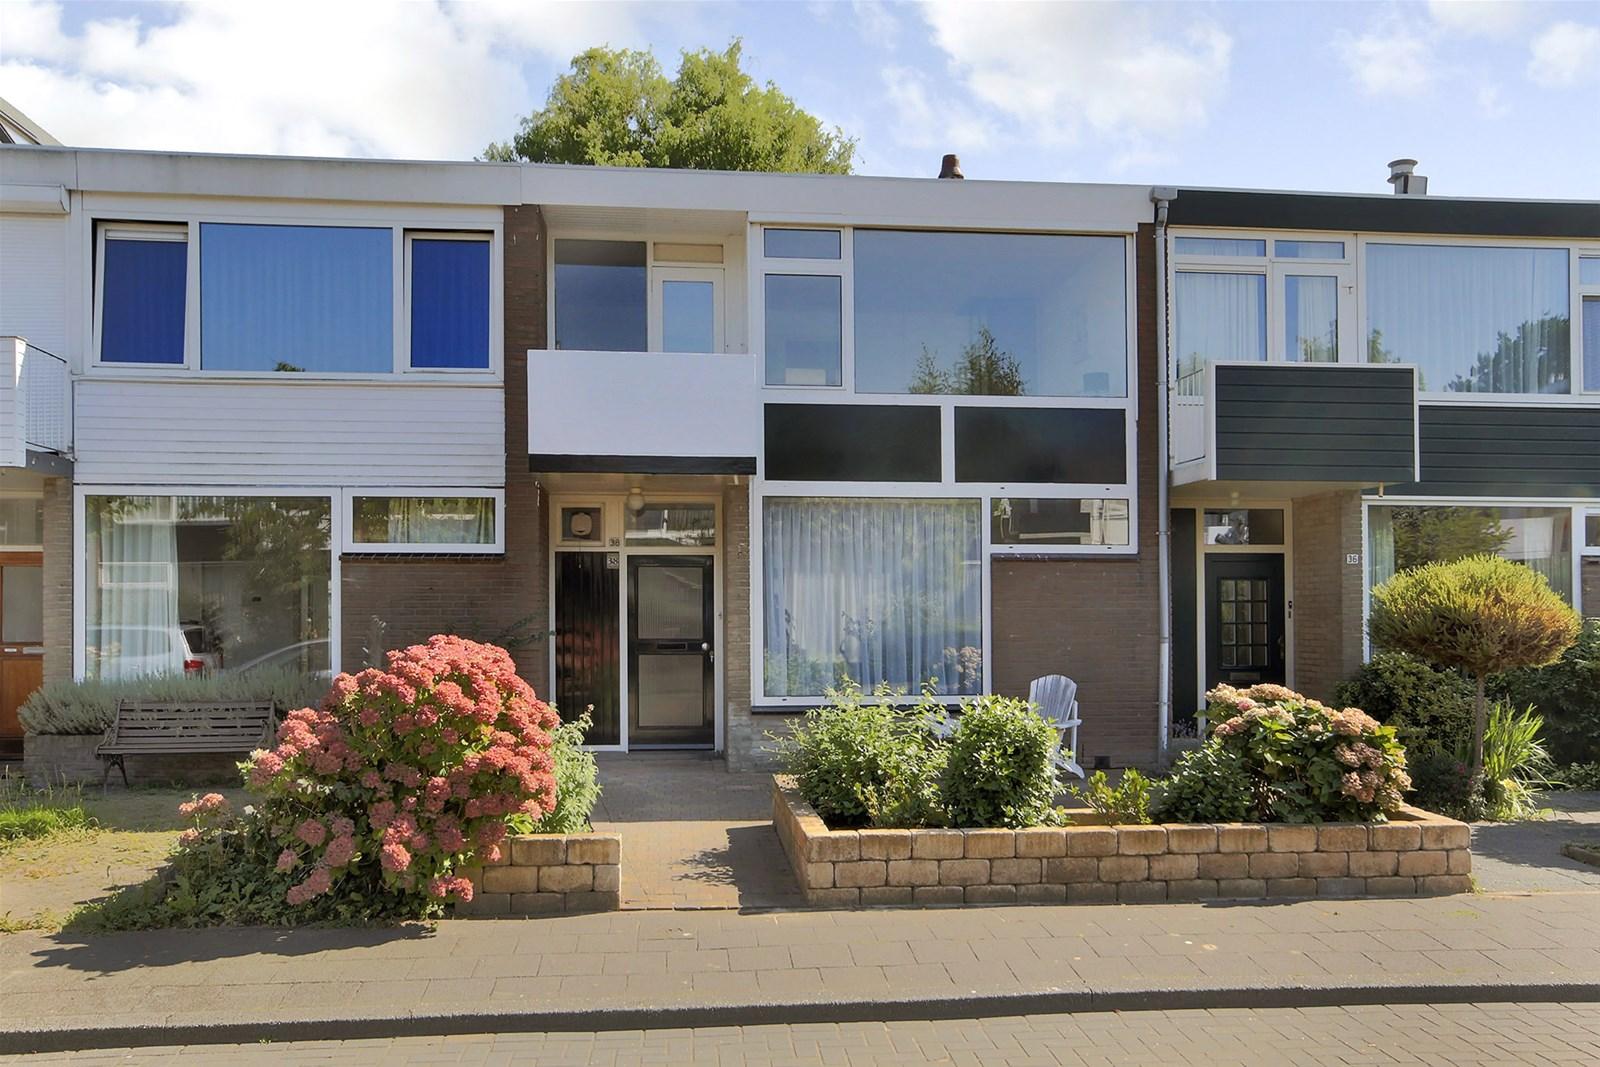 Dr. eykmanstraat 38 amstelveen, elsrijk   eveline deken makelaar o.g.